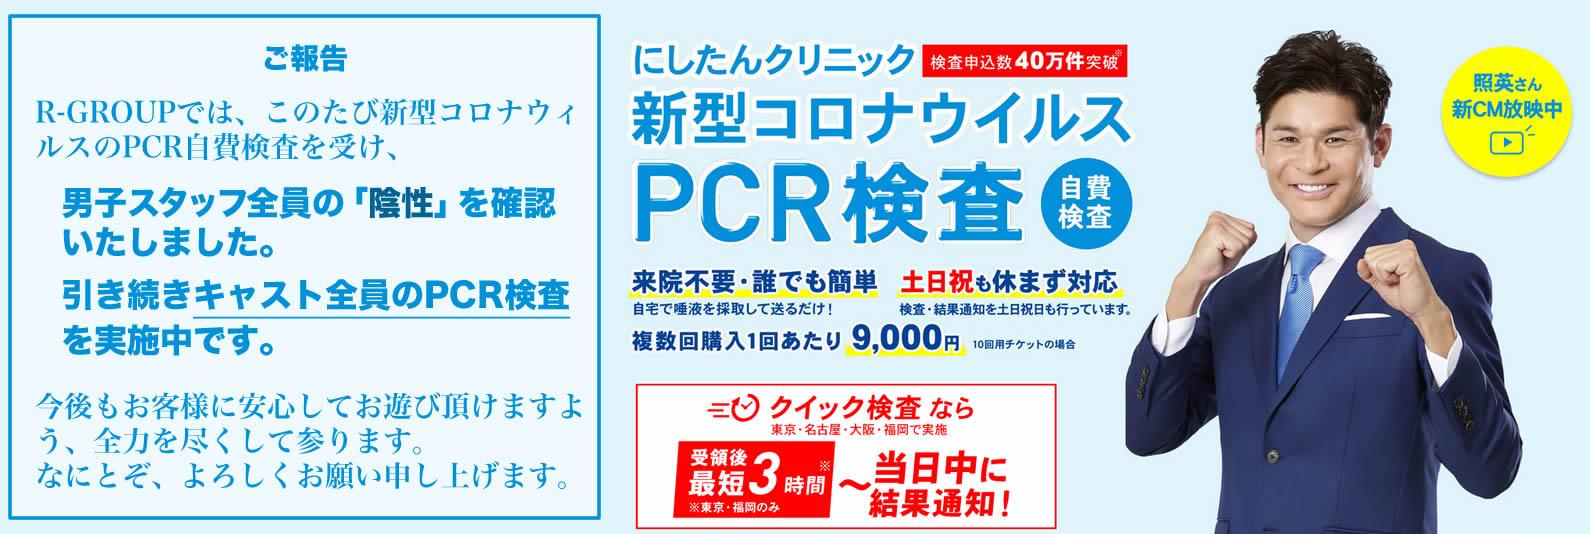 R-GROUPでは、PCR検査を実施中です。